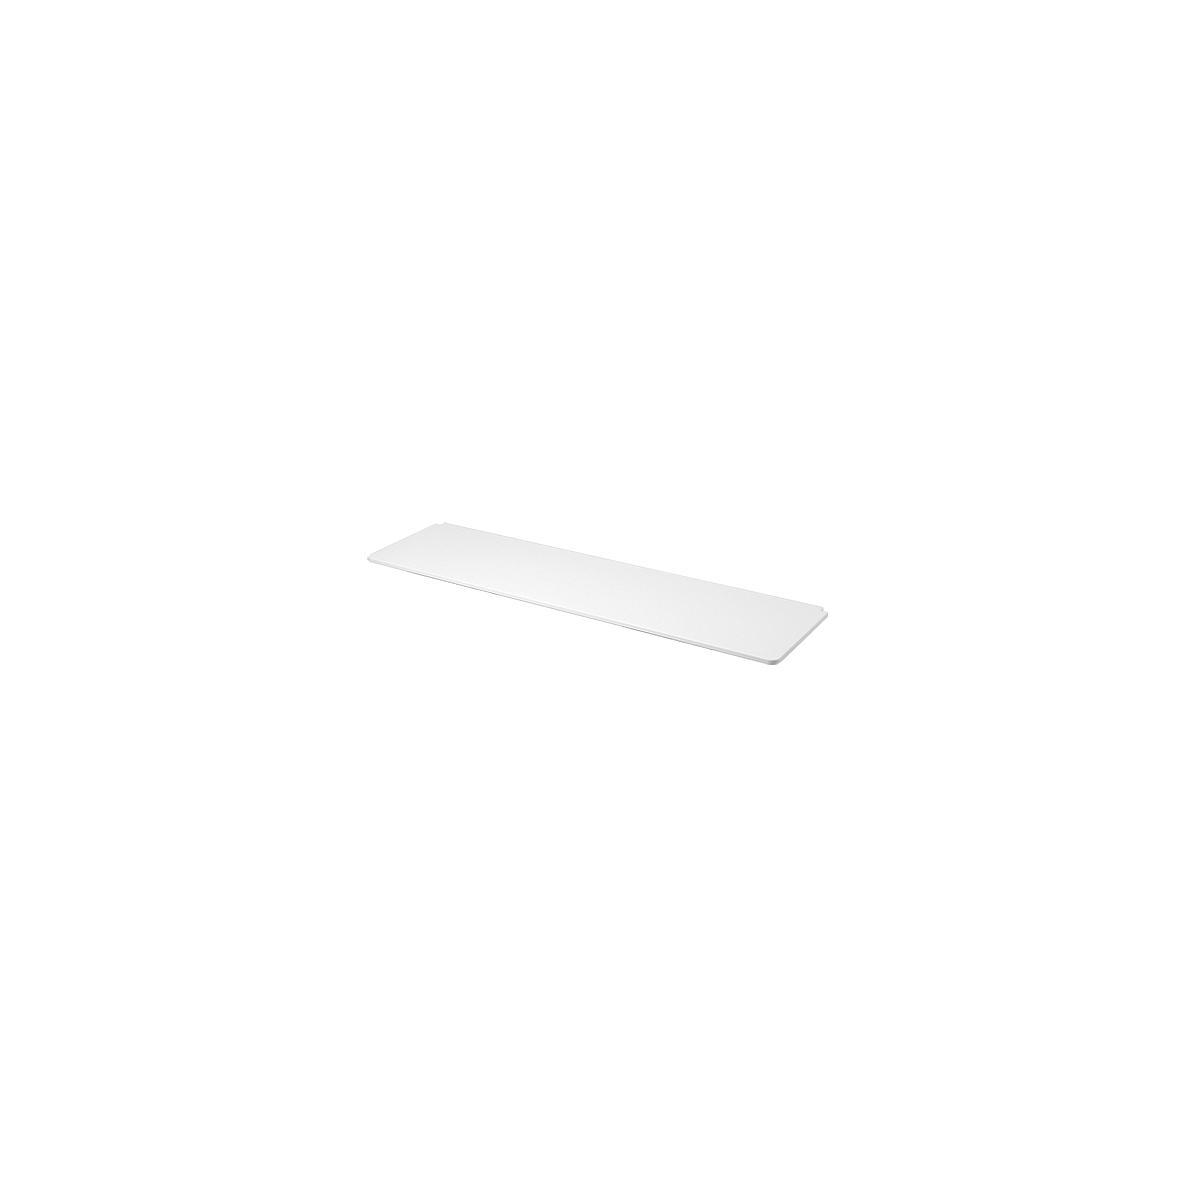 Escritorio Cama alta 90x190 WHITE Flexa blanco